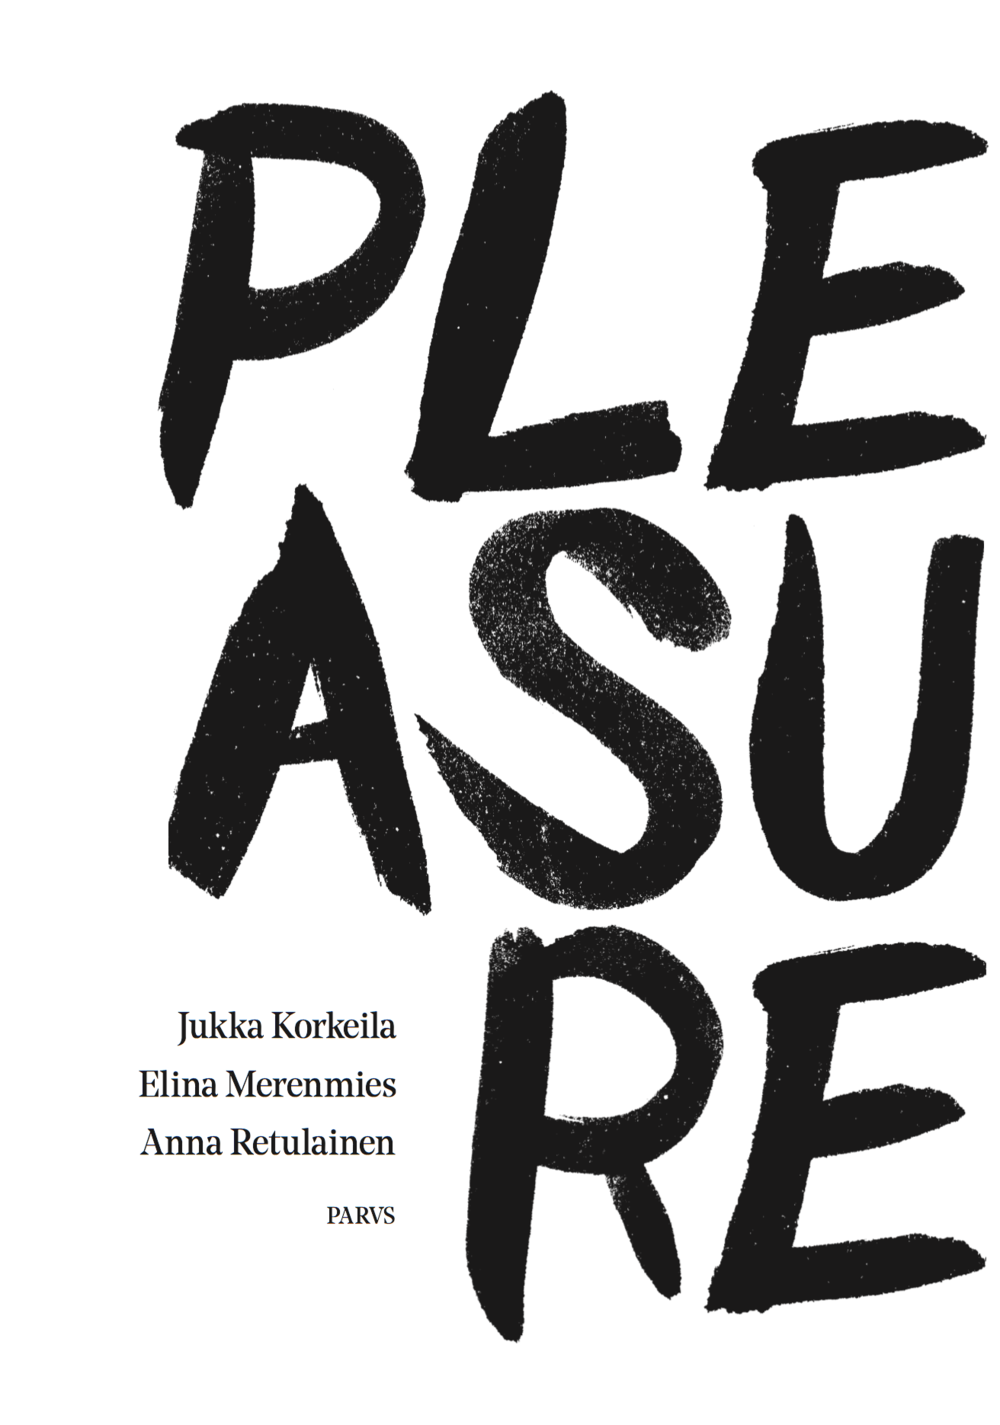 Pleasure Jukka Korkeila, Elina Merenmies, Anna Retulainen